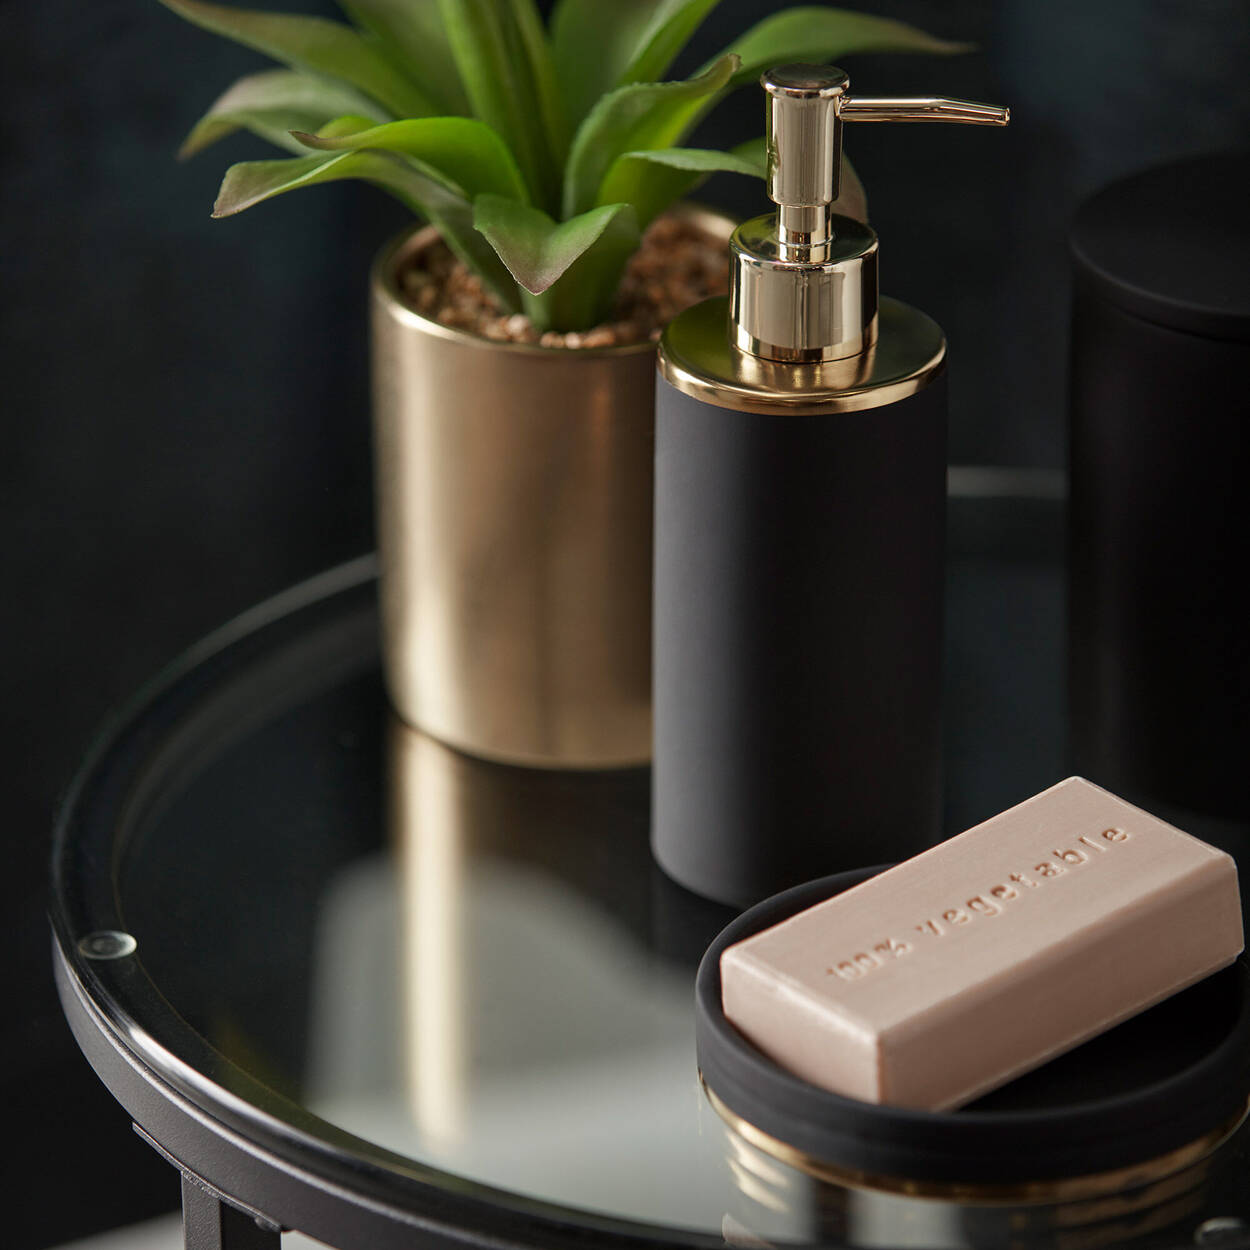 Distributeur de savon avec finition en caoutchouc